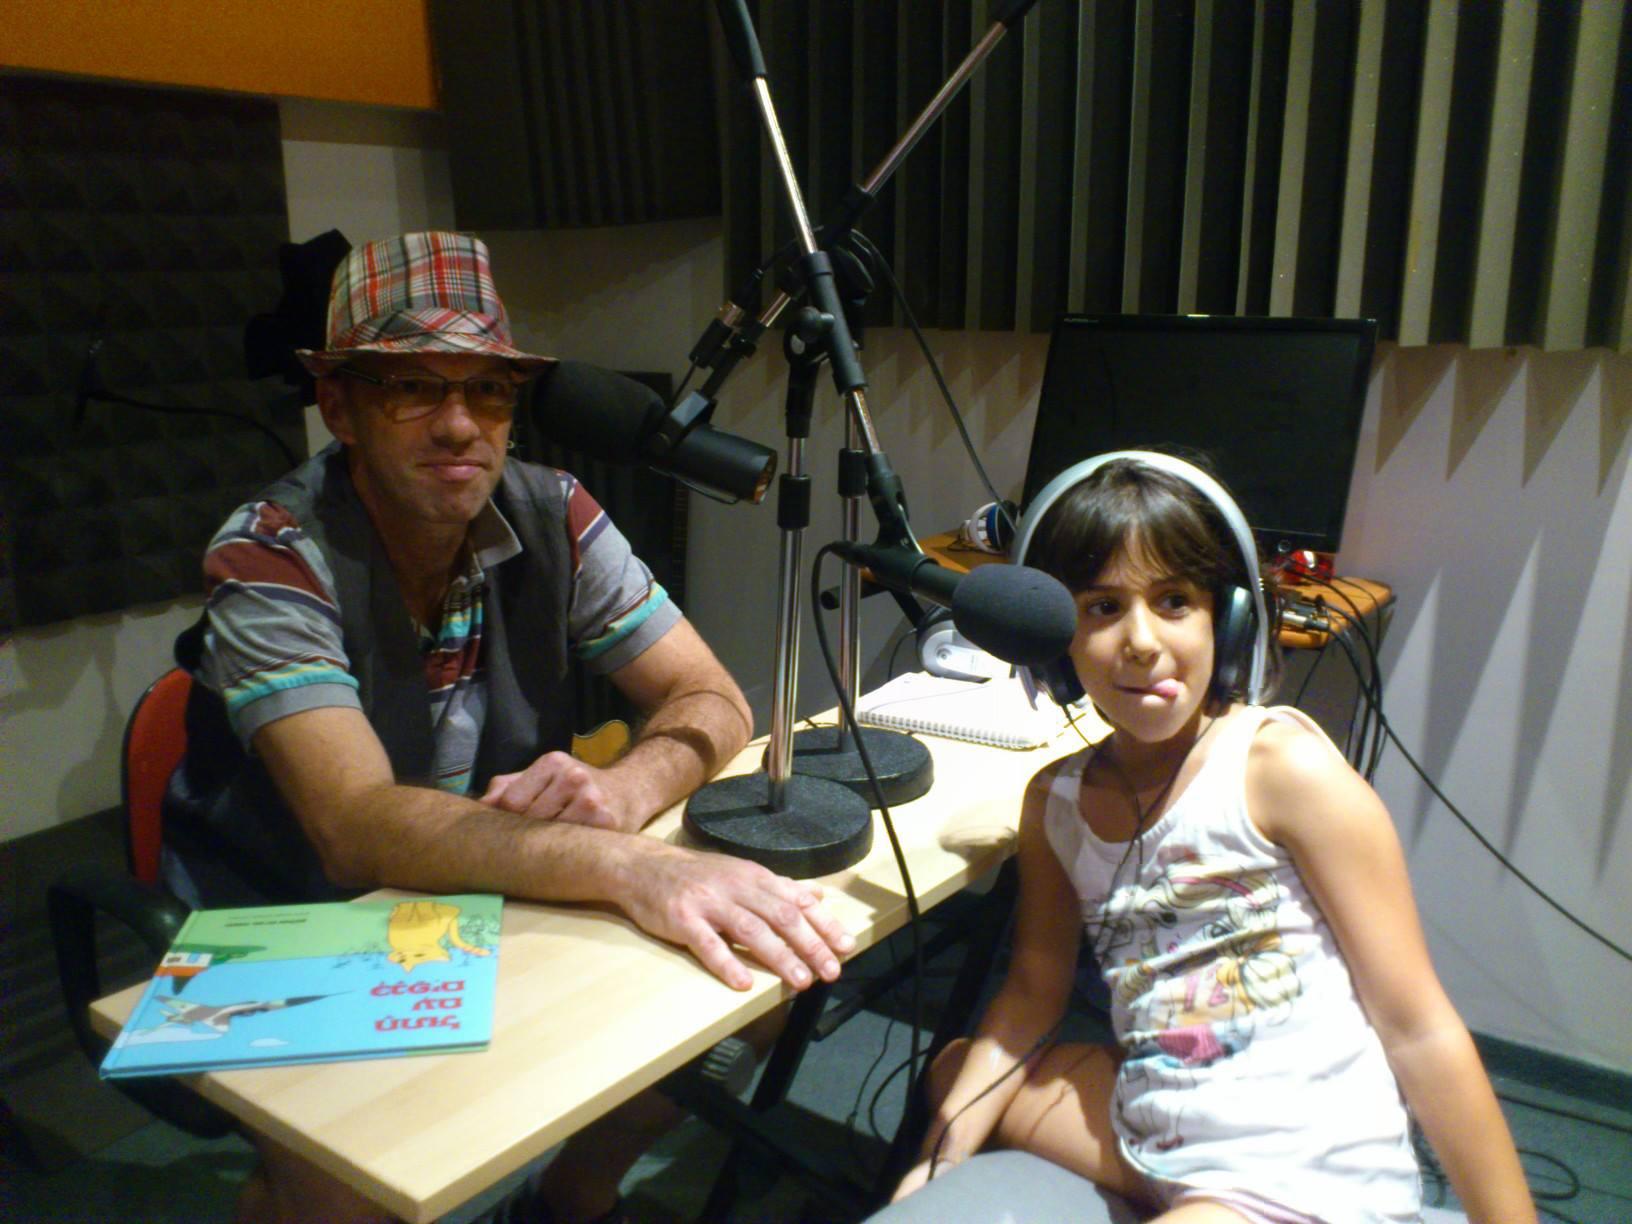 תכנית ילדים ברדיו עם מוש המספר